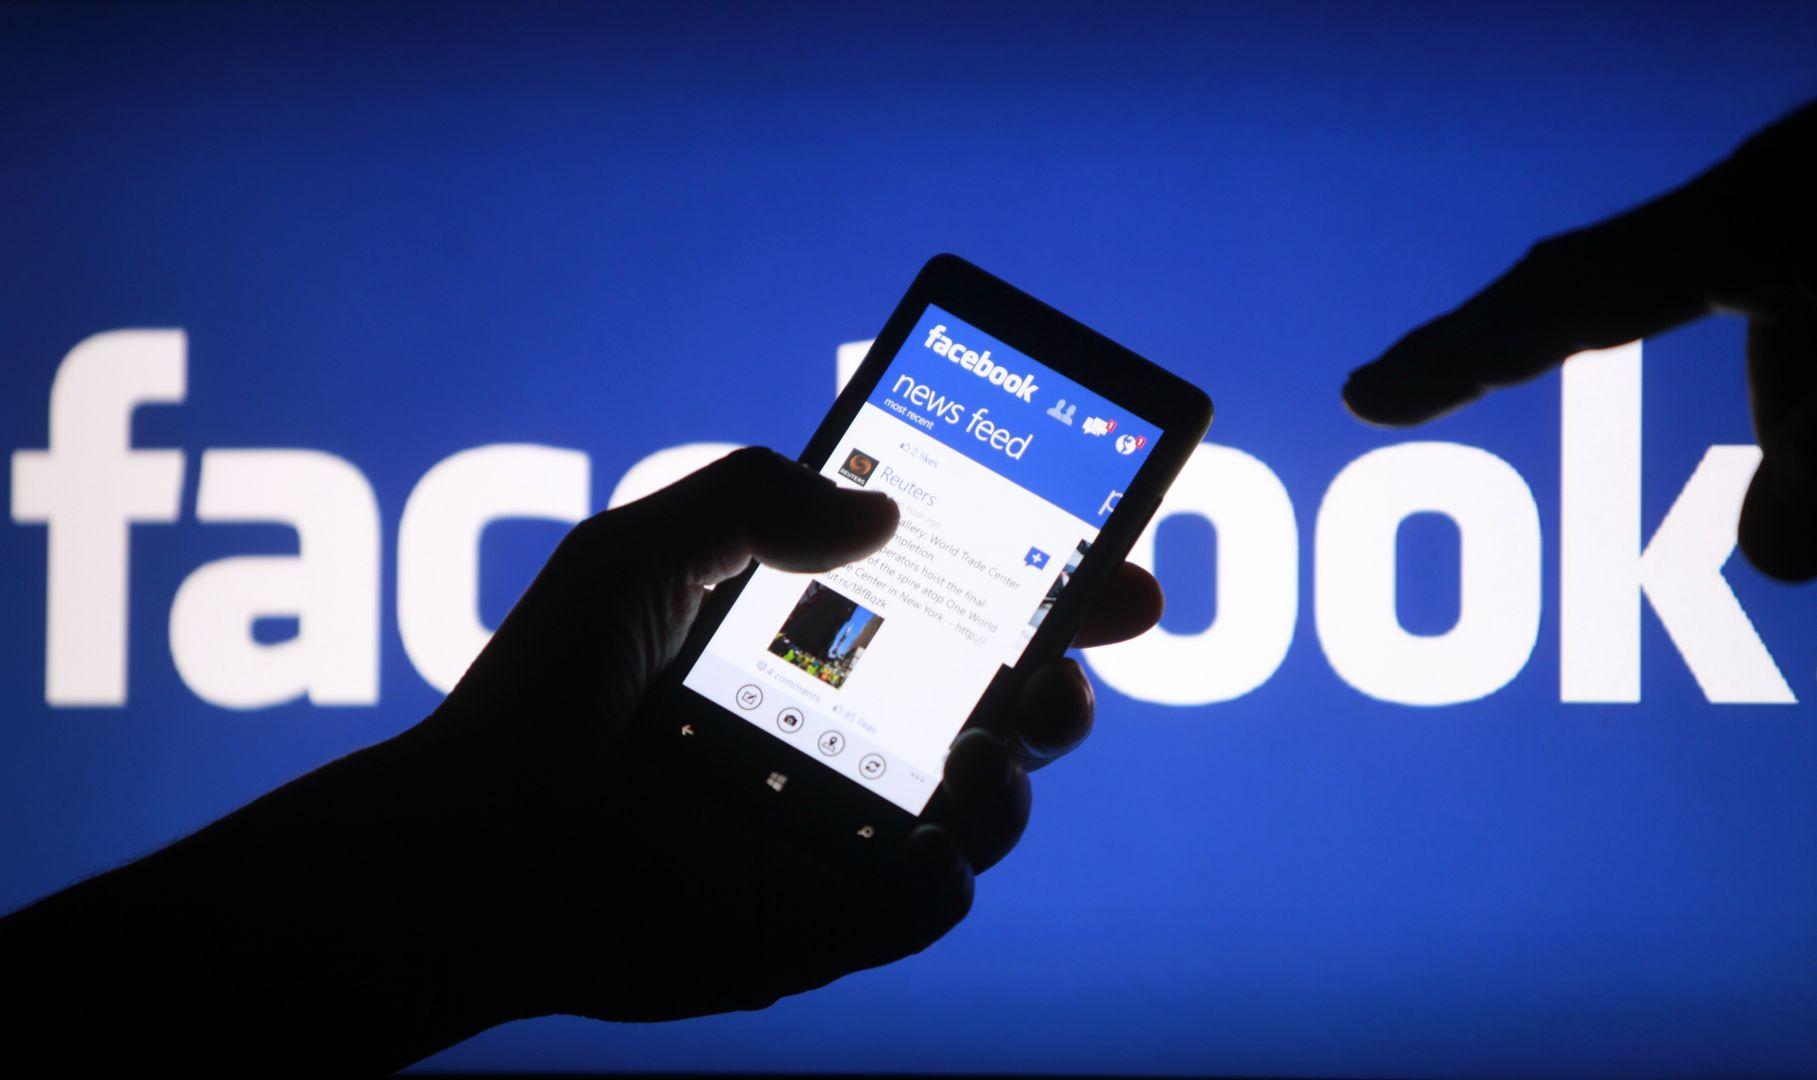 Momentos, la nueva aplicación de Facebook